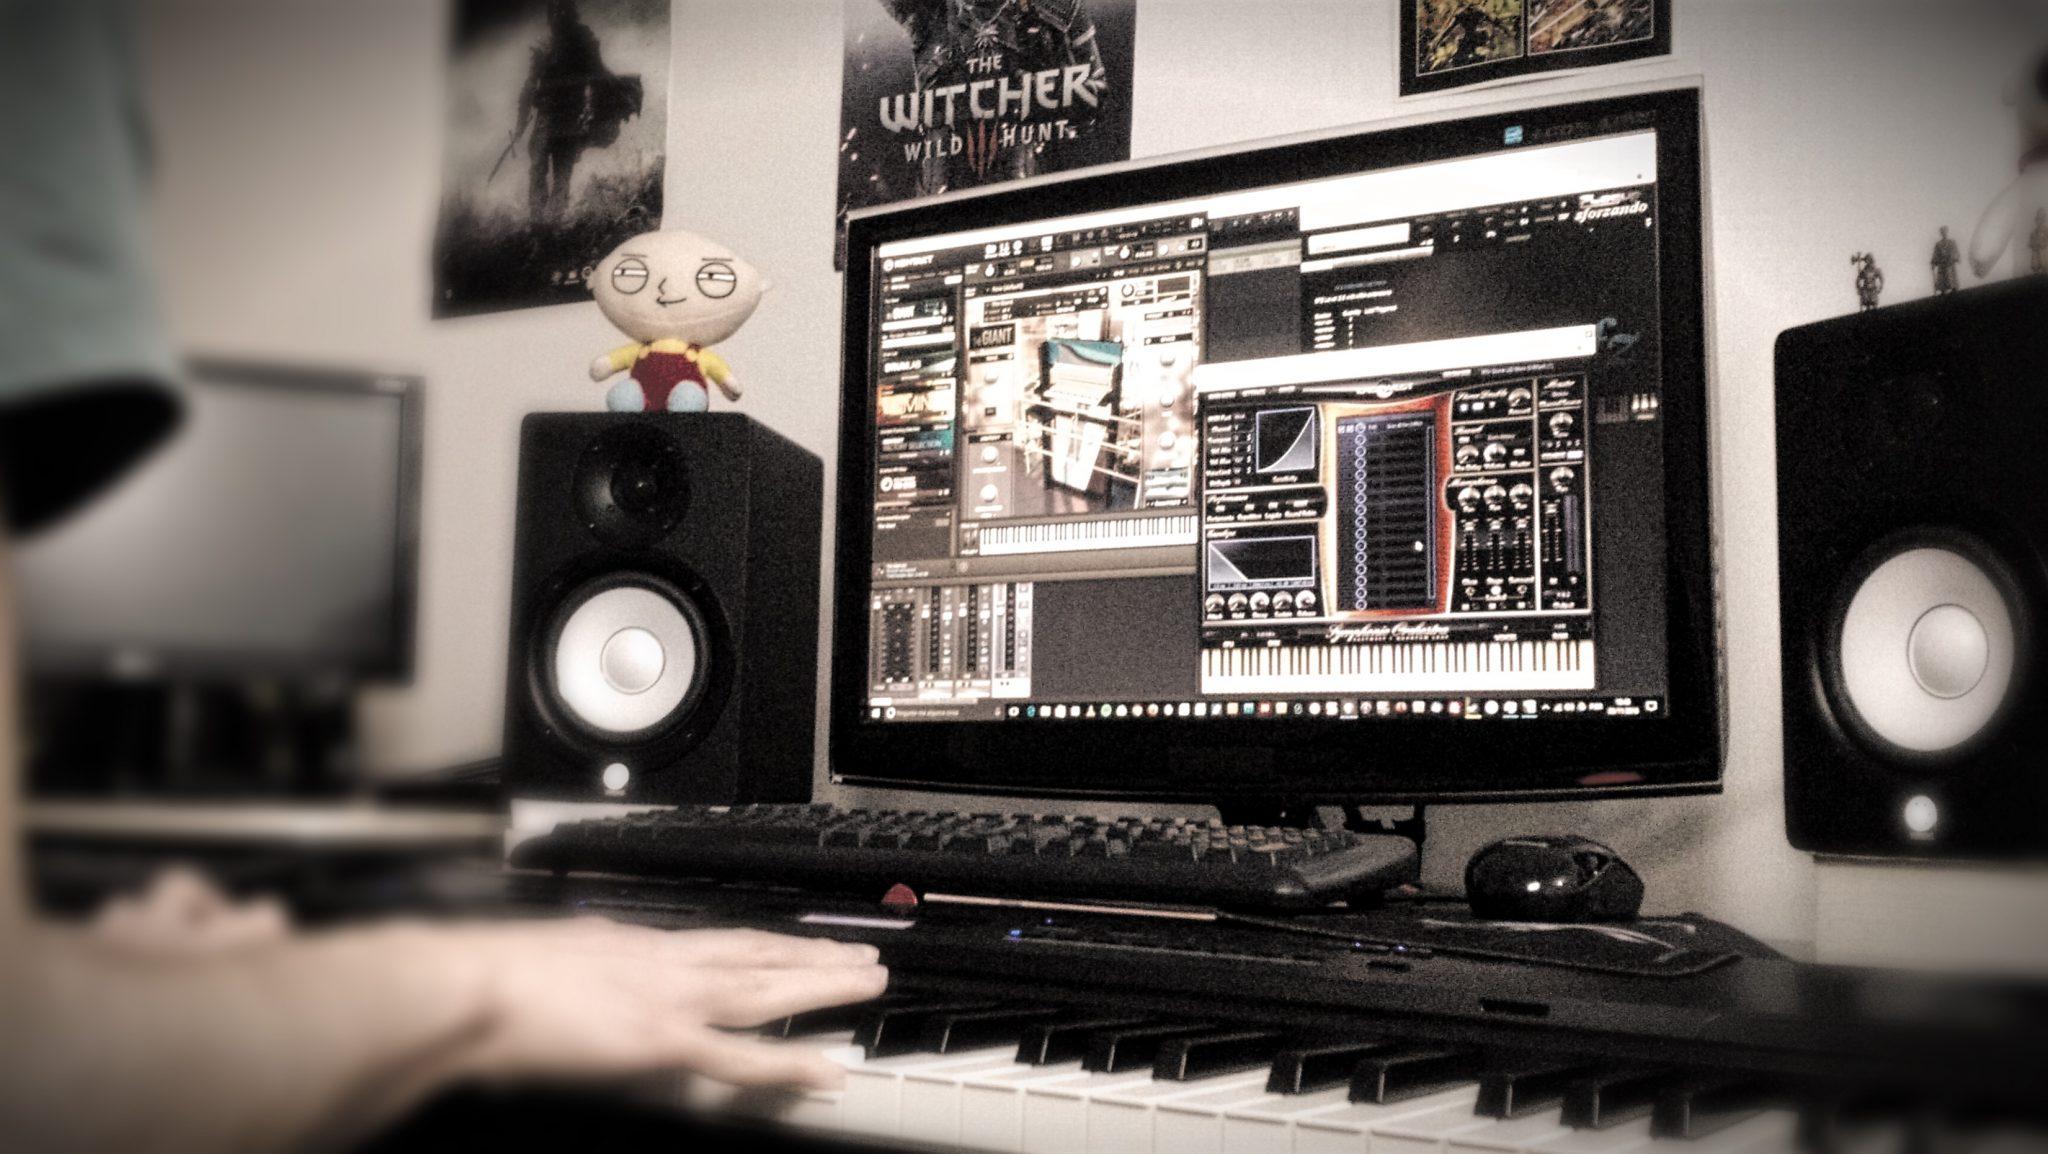 Criando música com samplers. Foto: Julia Tinoco